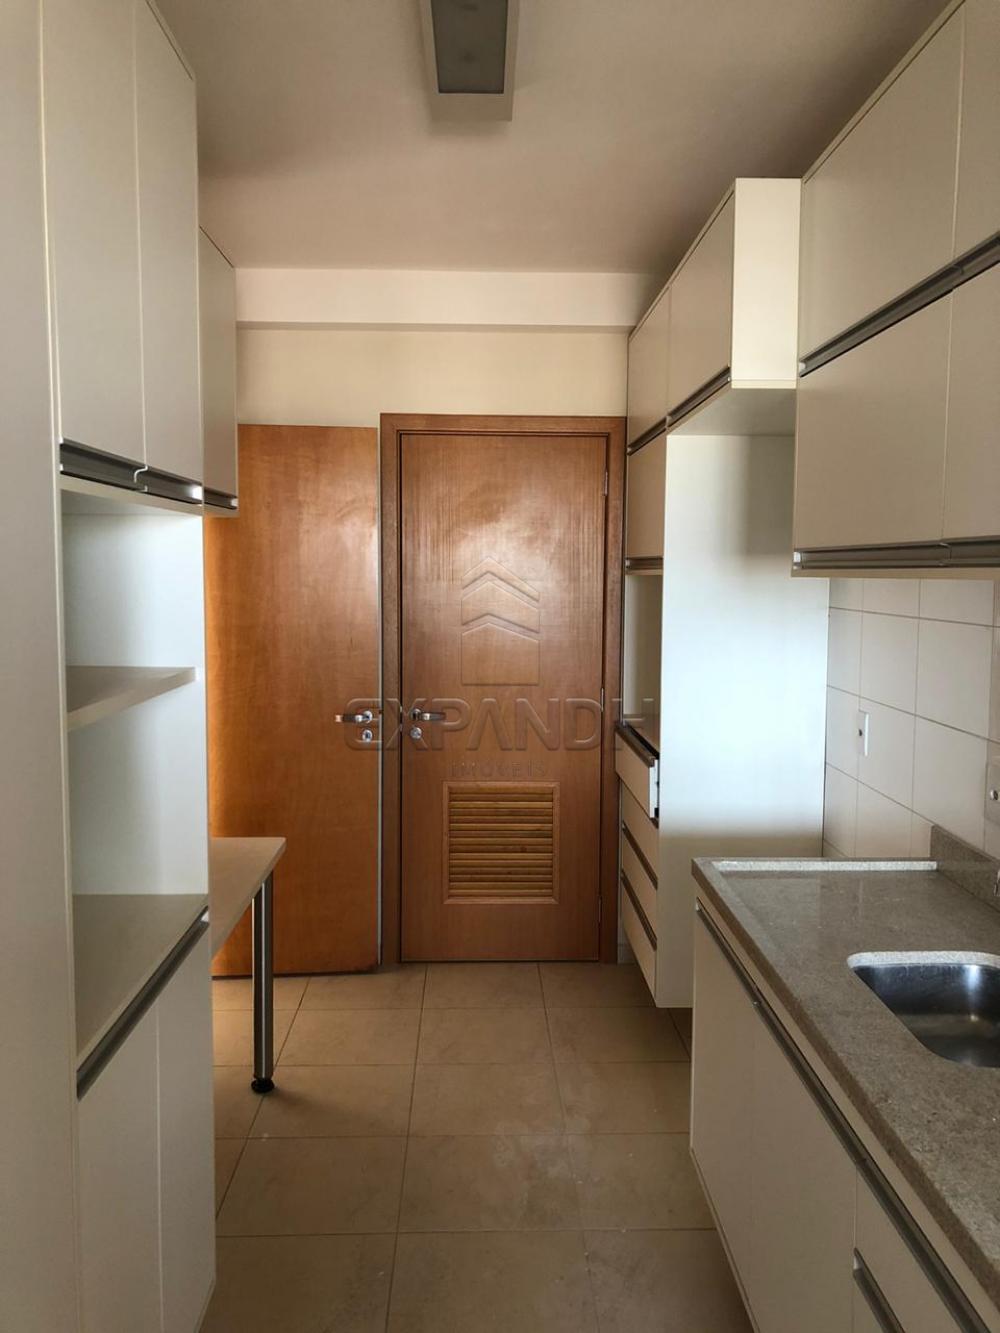 Alugar Apartamentos / Padrão em Sertãozinho apenas R$ 1.650,00 - Foto 9